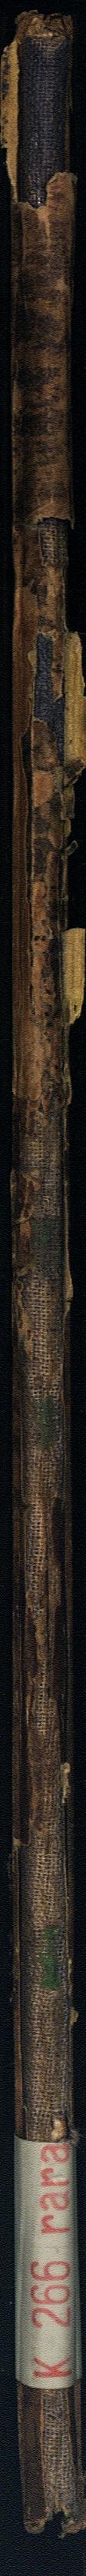 Antiques du cabinet du comte de Pourtalès-GorgierAntiques du Cabinet Pourtalès